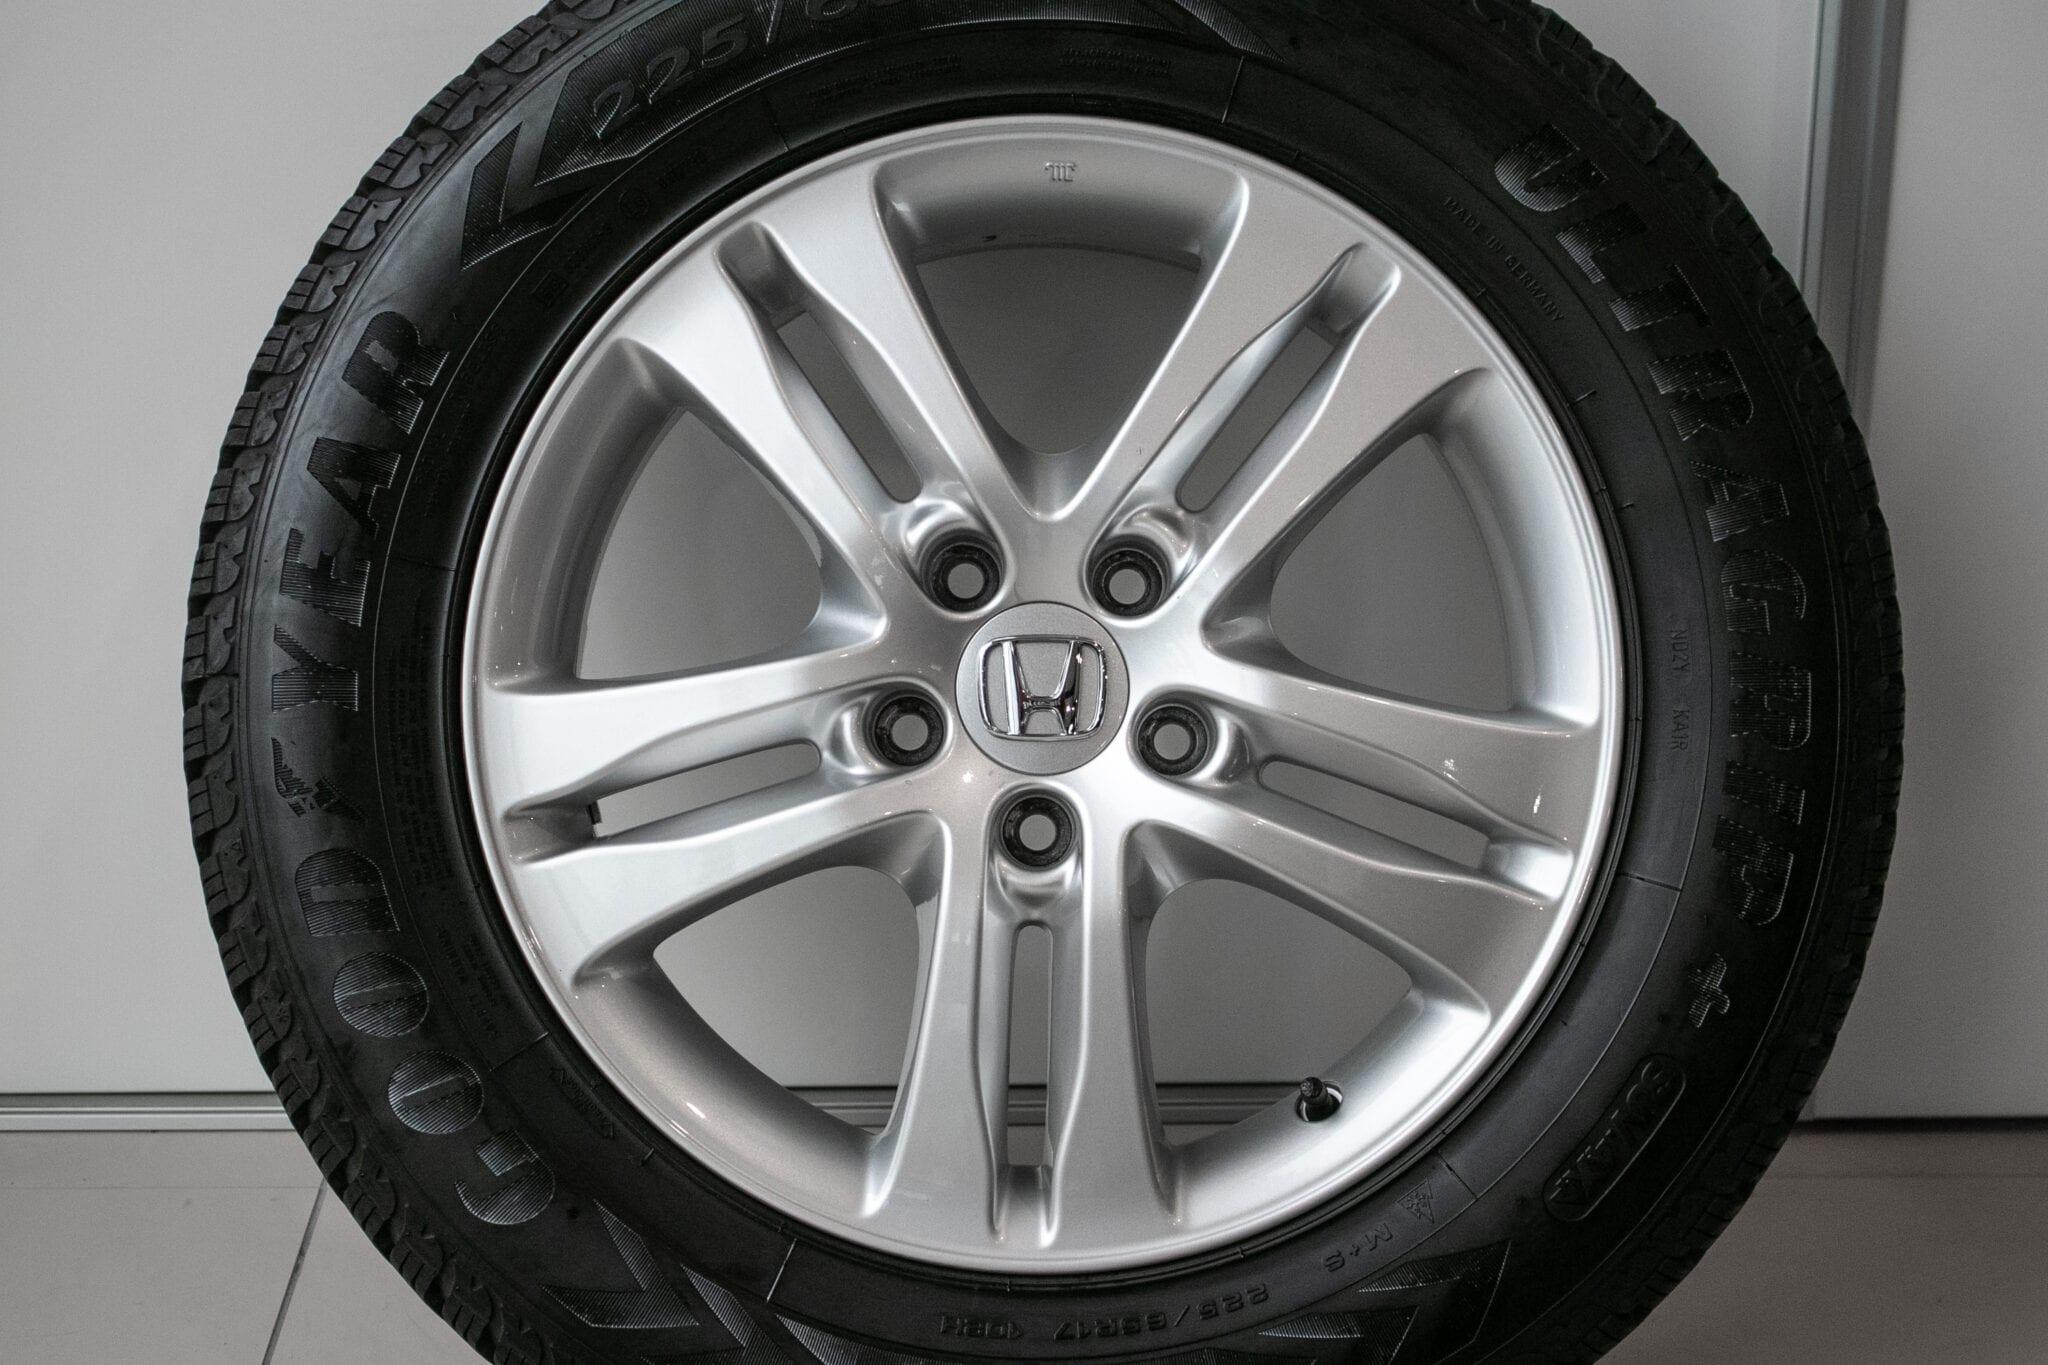 """17"""" Winterwielen voor de Honda CR-V ('07-'17) €399,- Gebruikt. Profieldiepte: 5.2mm - 5.5mm"""